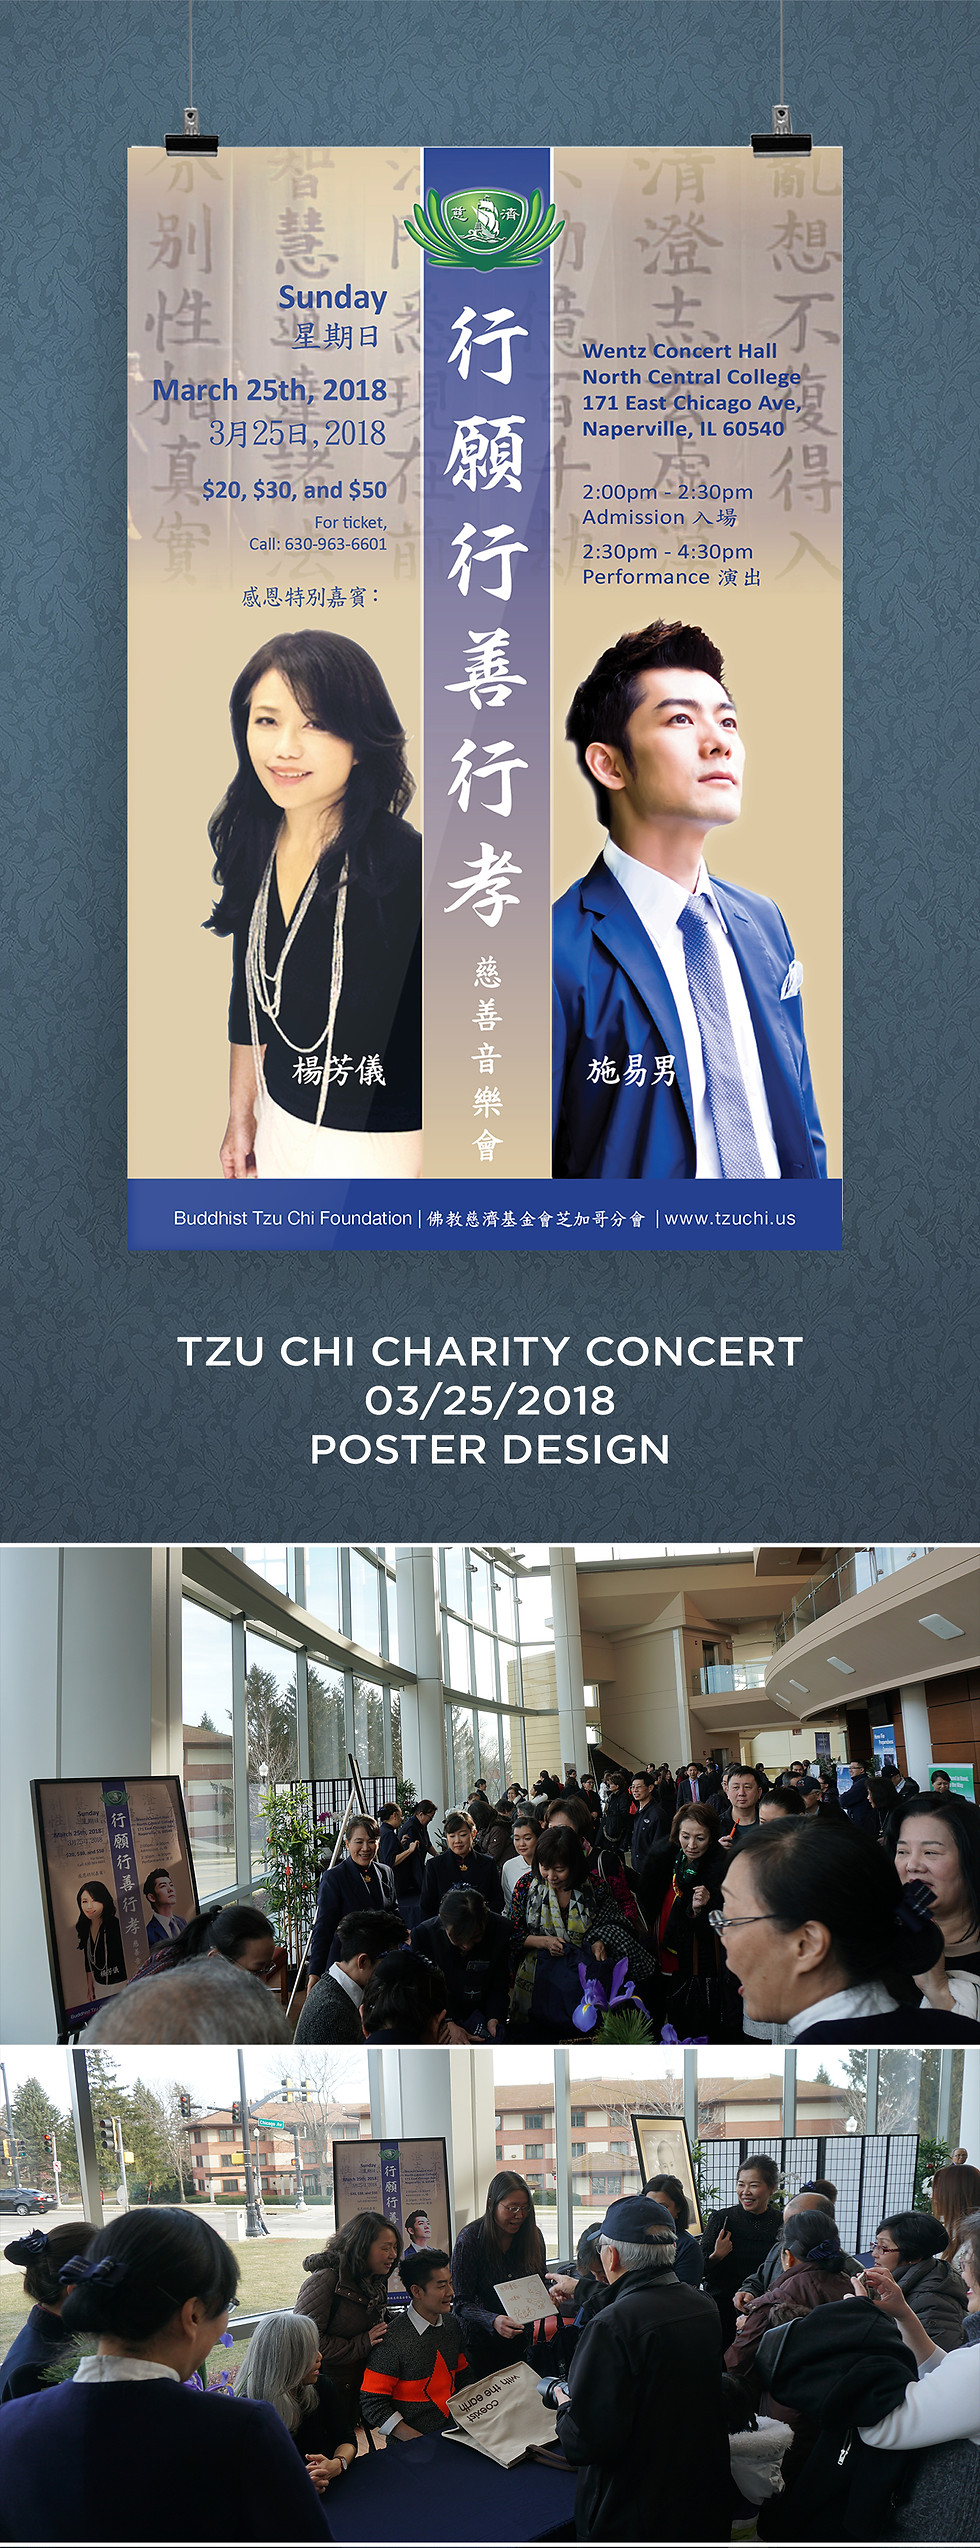 Tzu Chi_2018 Concert_Flyer_20180522.jpg